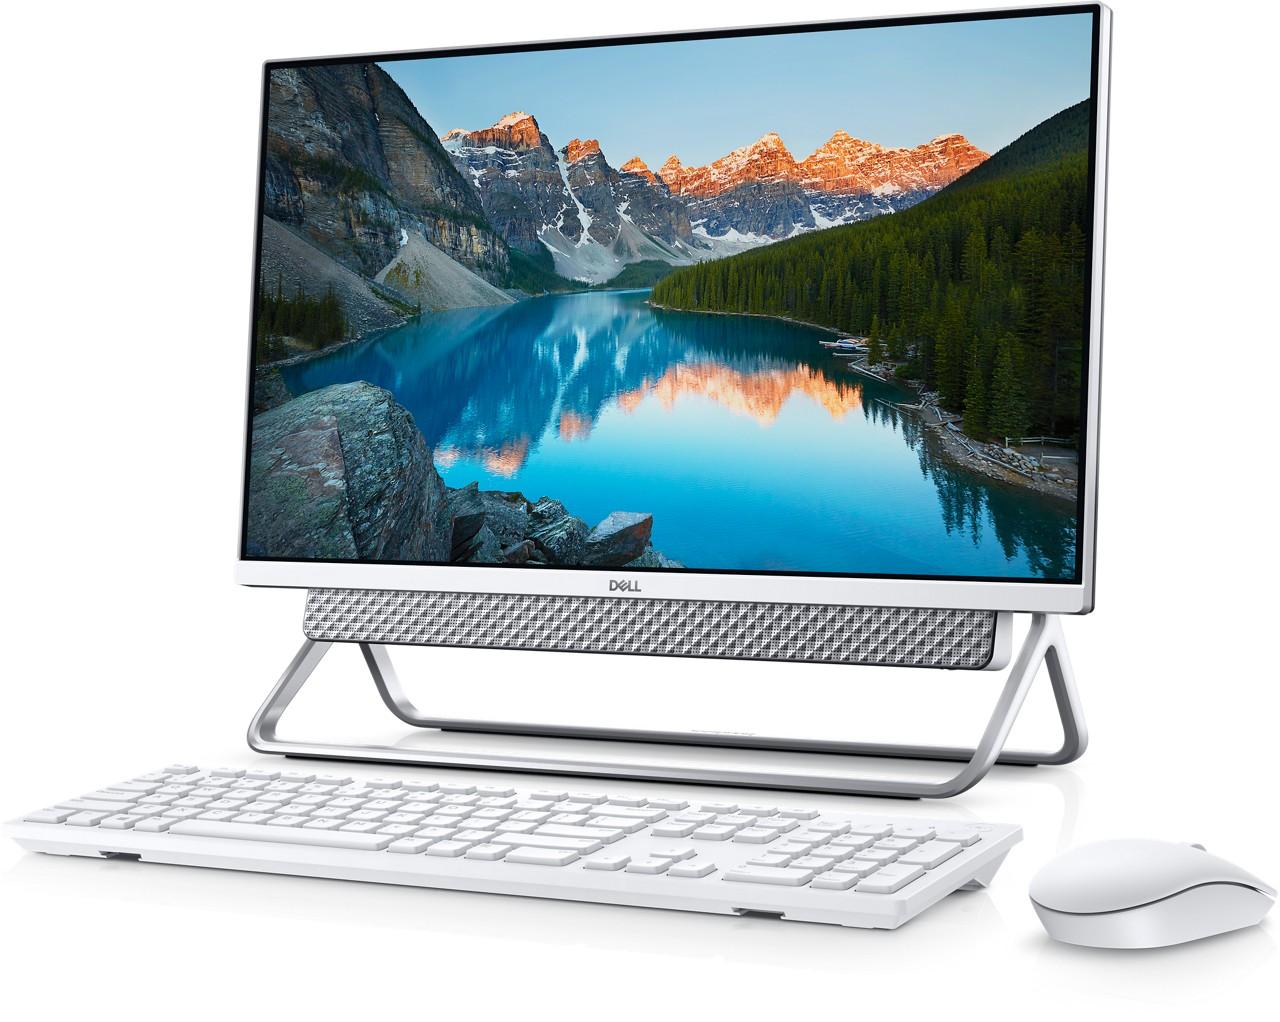 Dell Inspiron 5400 AIO